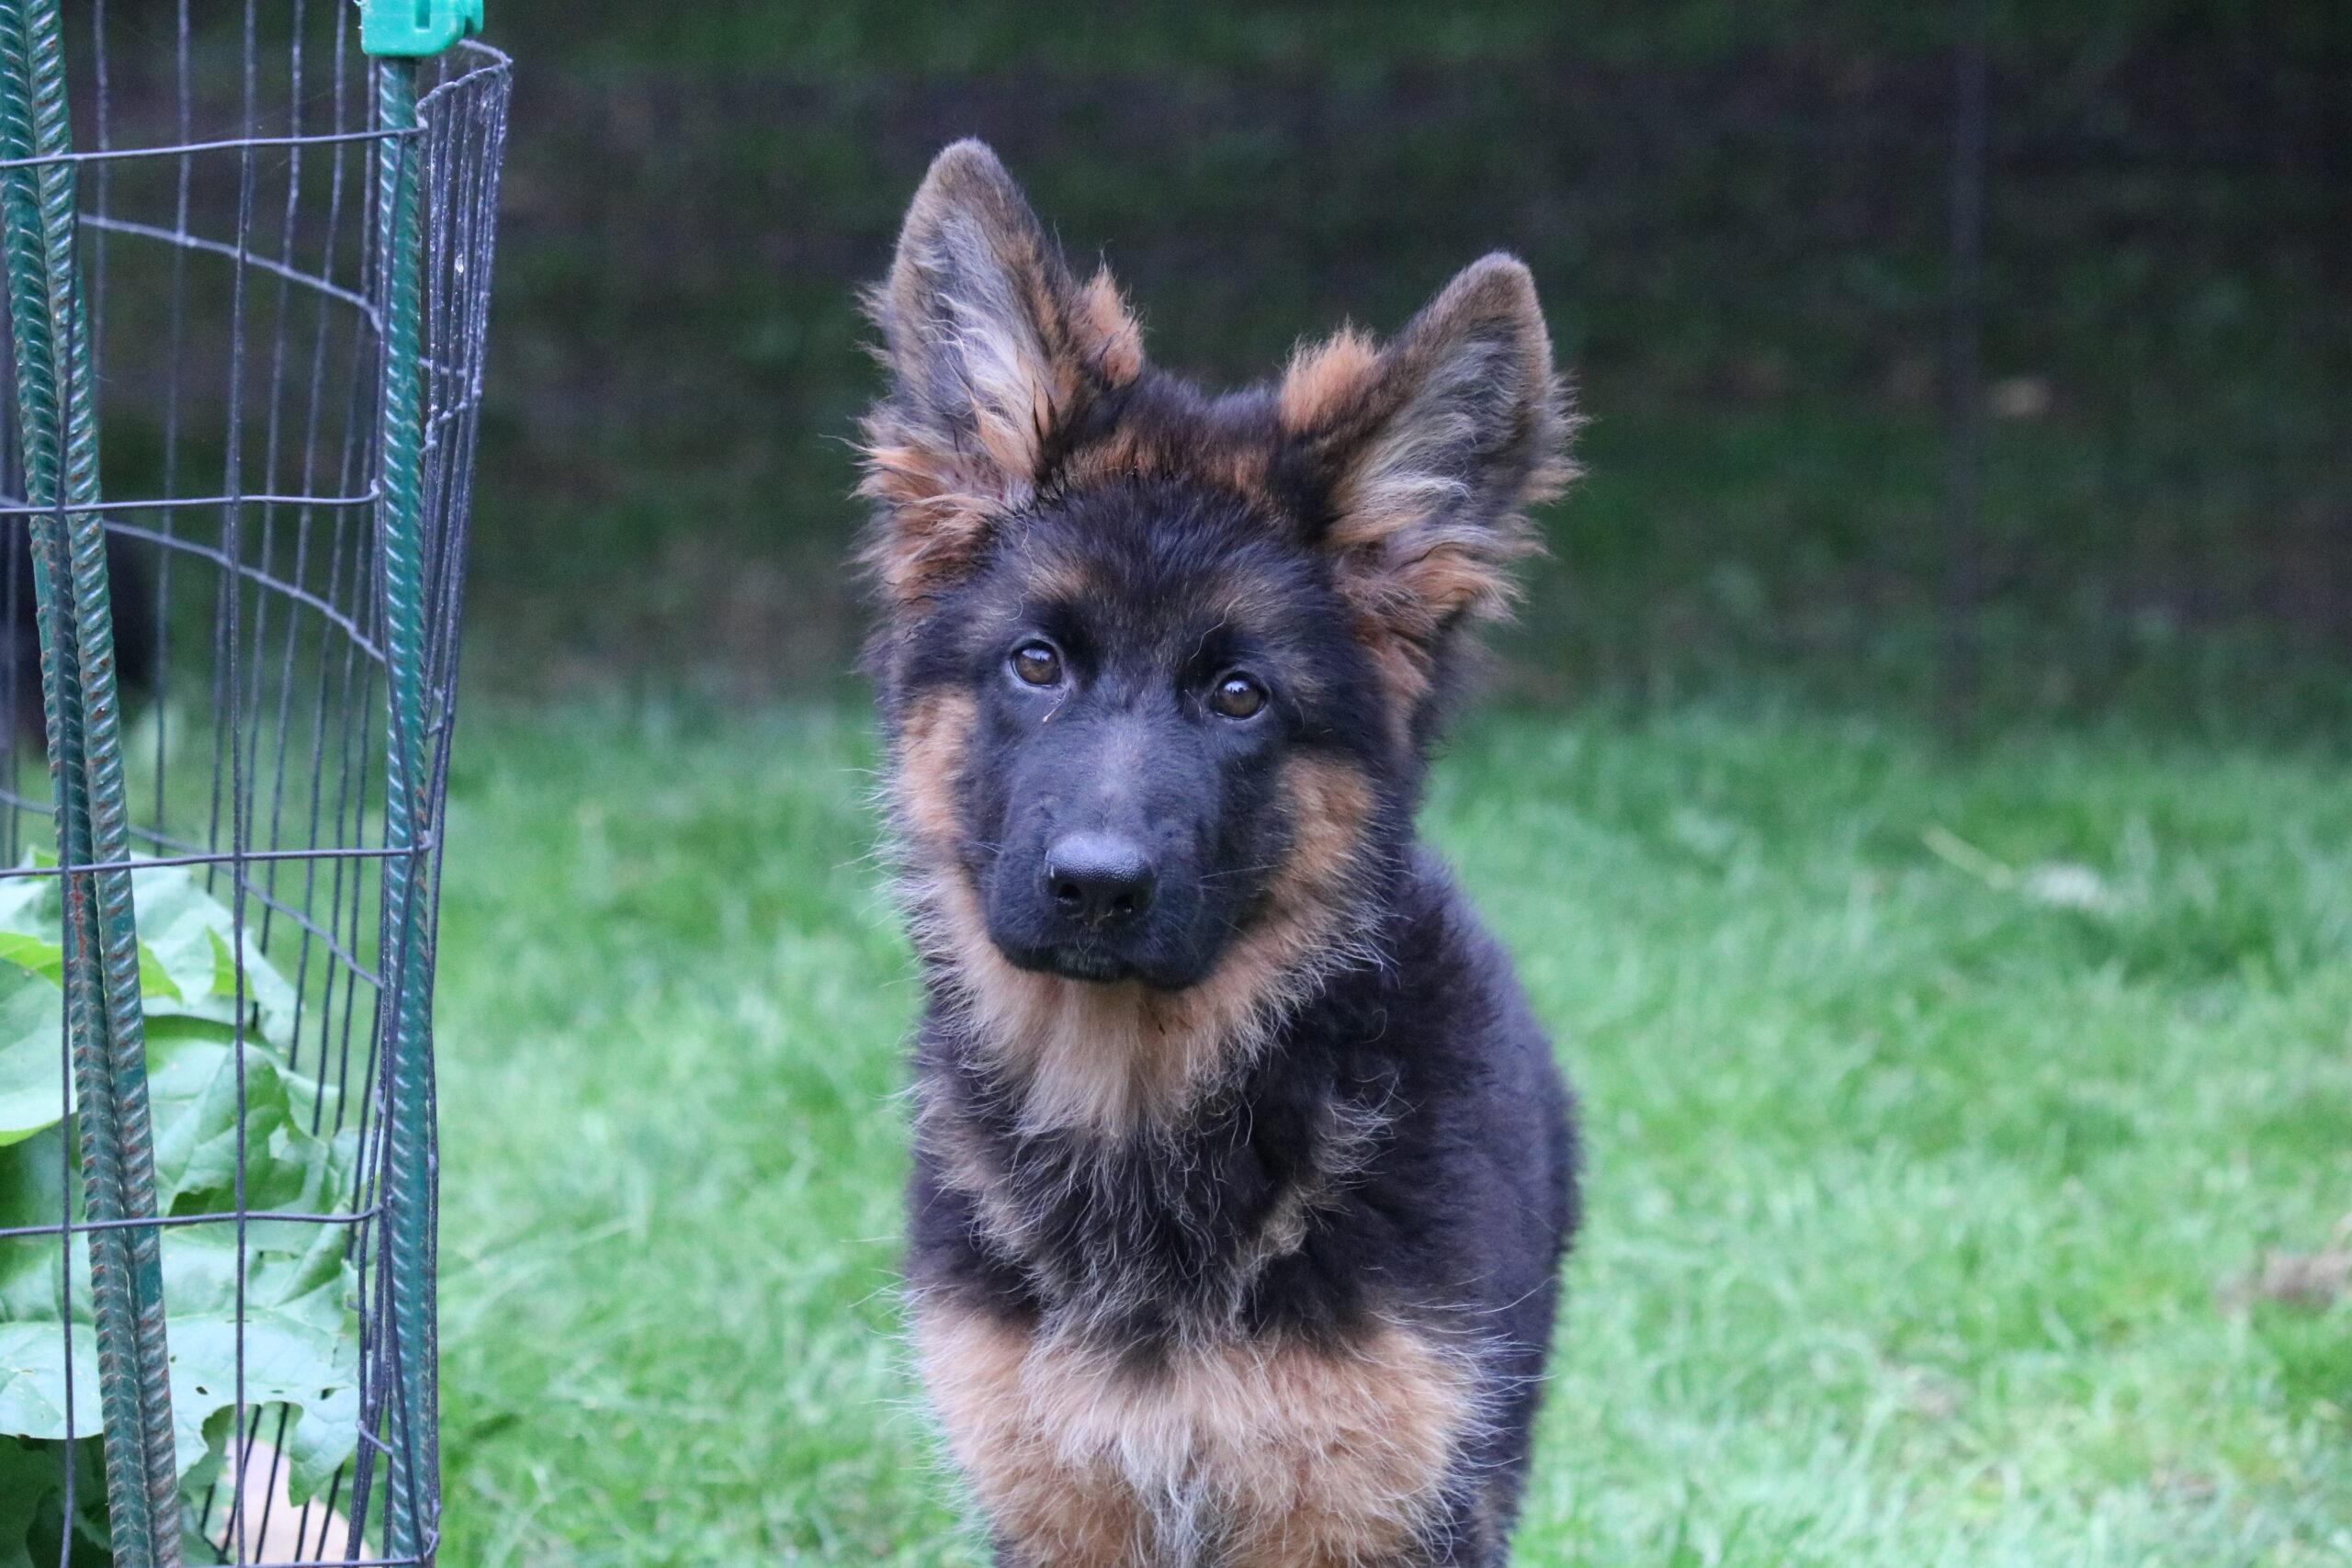 Haus Qira Ixi på 16 uger er klar til at finde sin nye familie **UPDATE** Ixi har fundet sin nye familie!